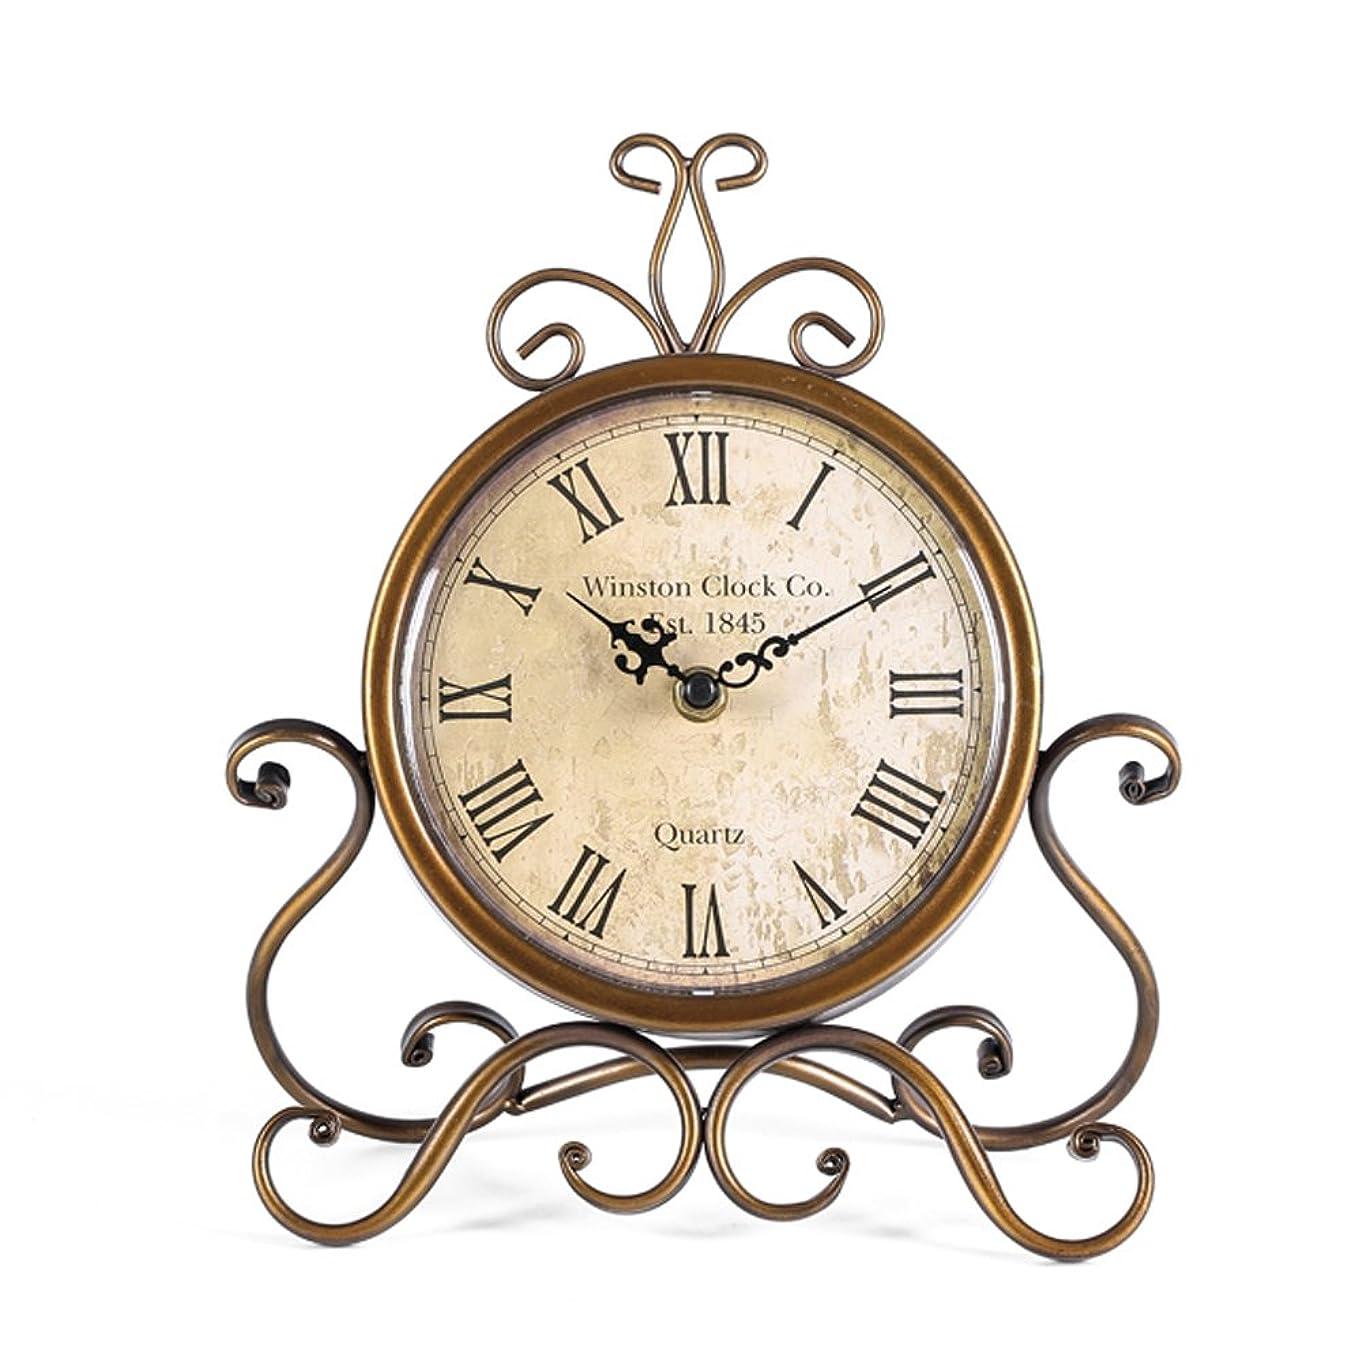 評決きれいにインペリアルHOMEMOM 置き時計 アンティーク レトロ 置時計 小さい 静音 電池式 クラシック 卓上時計(ゴールド)